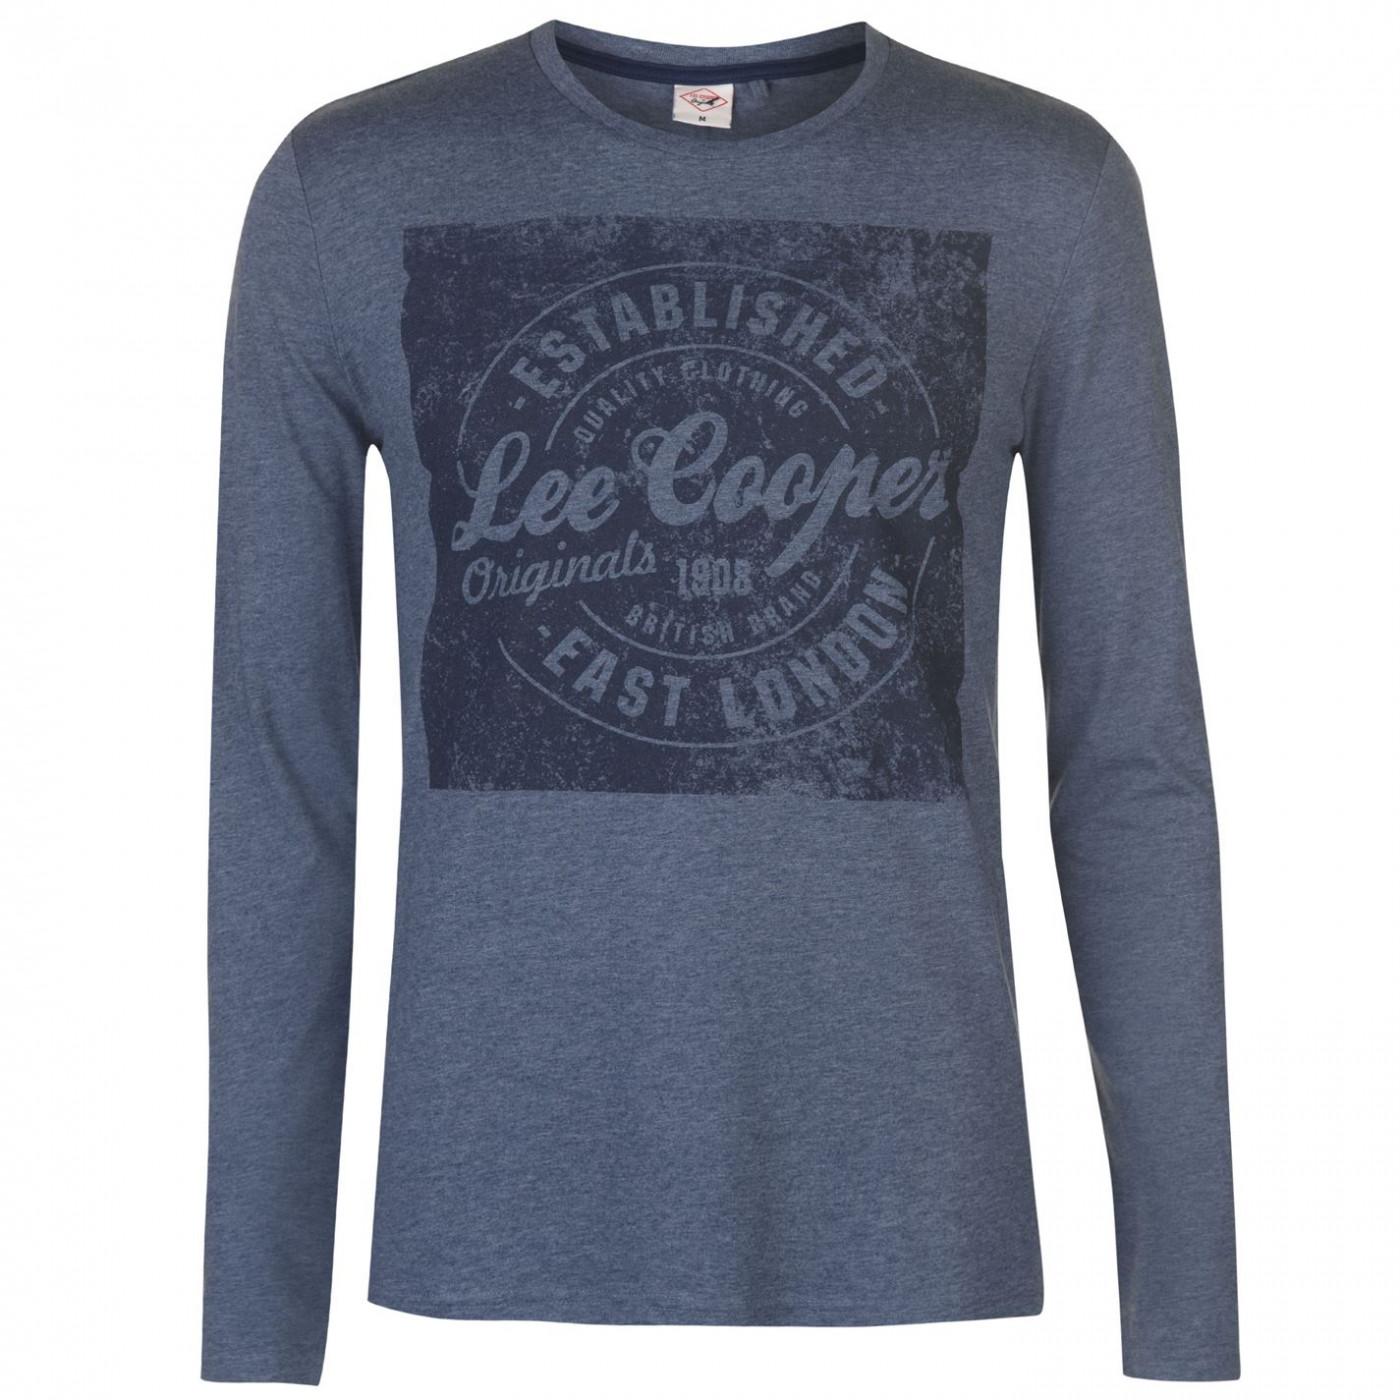 b554169bb Triko Triko Lee Cooper Logo New T Shirt pánské - FACTCOOL